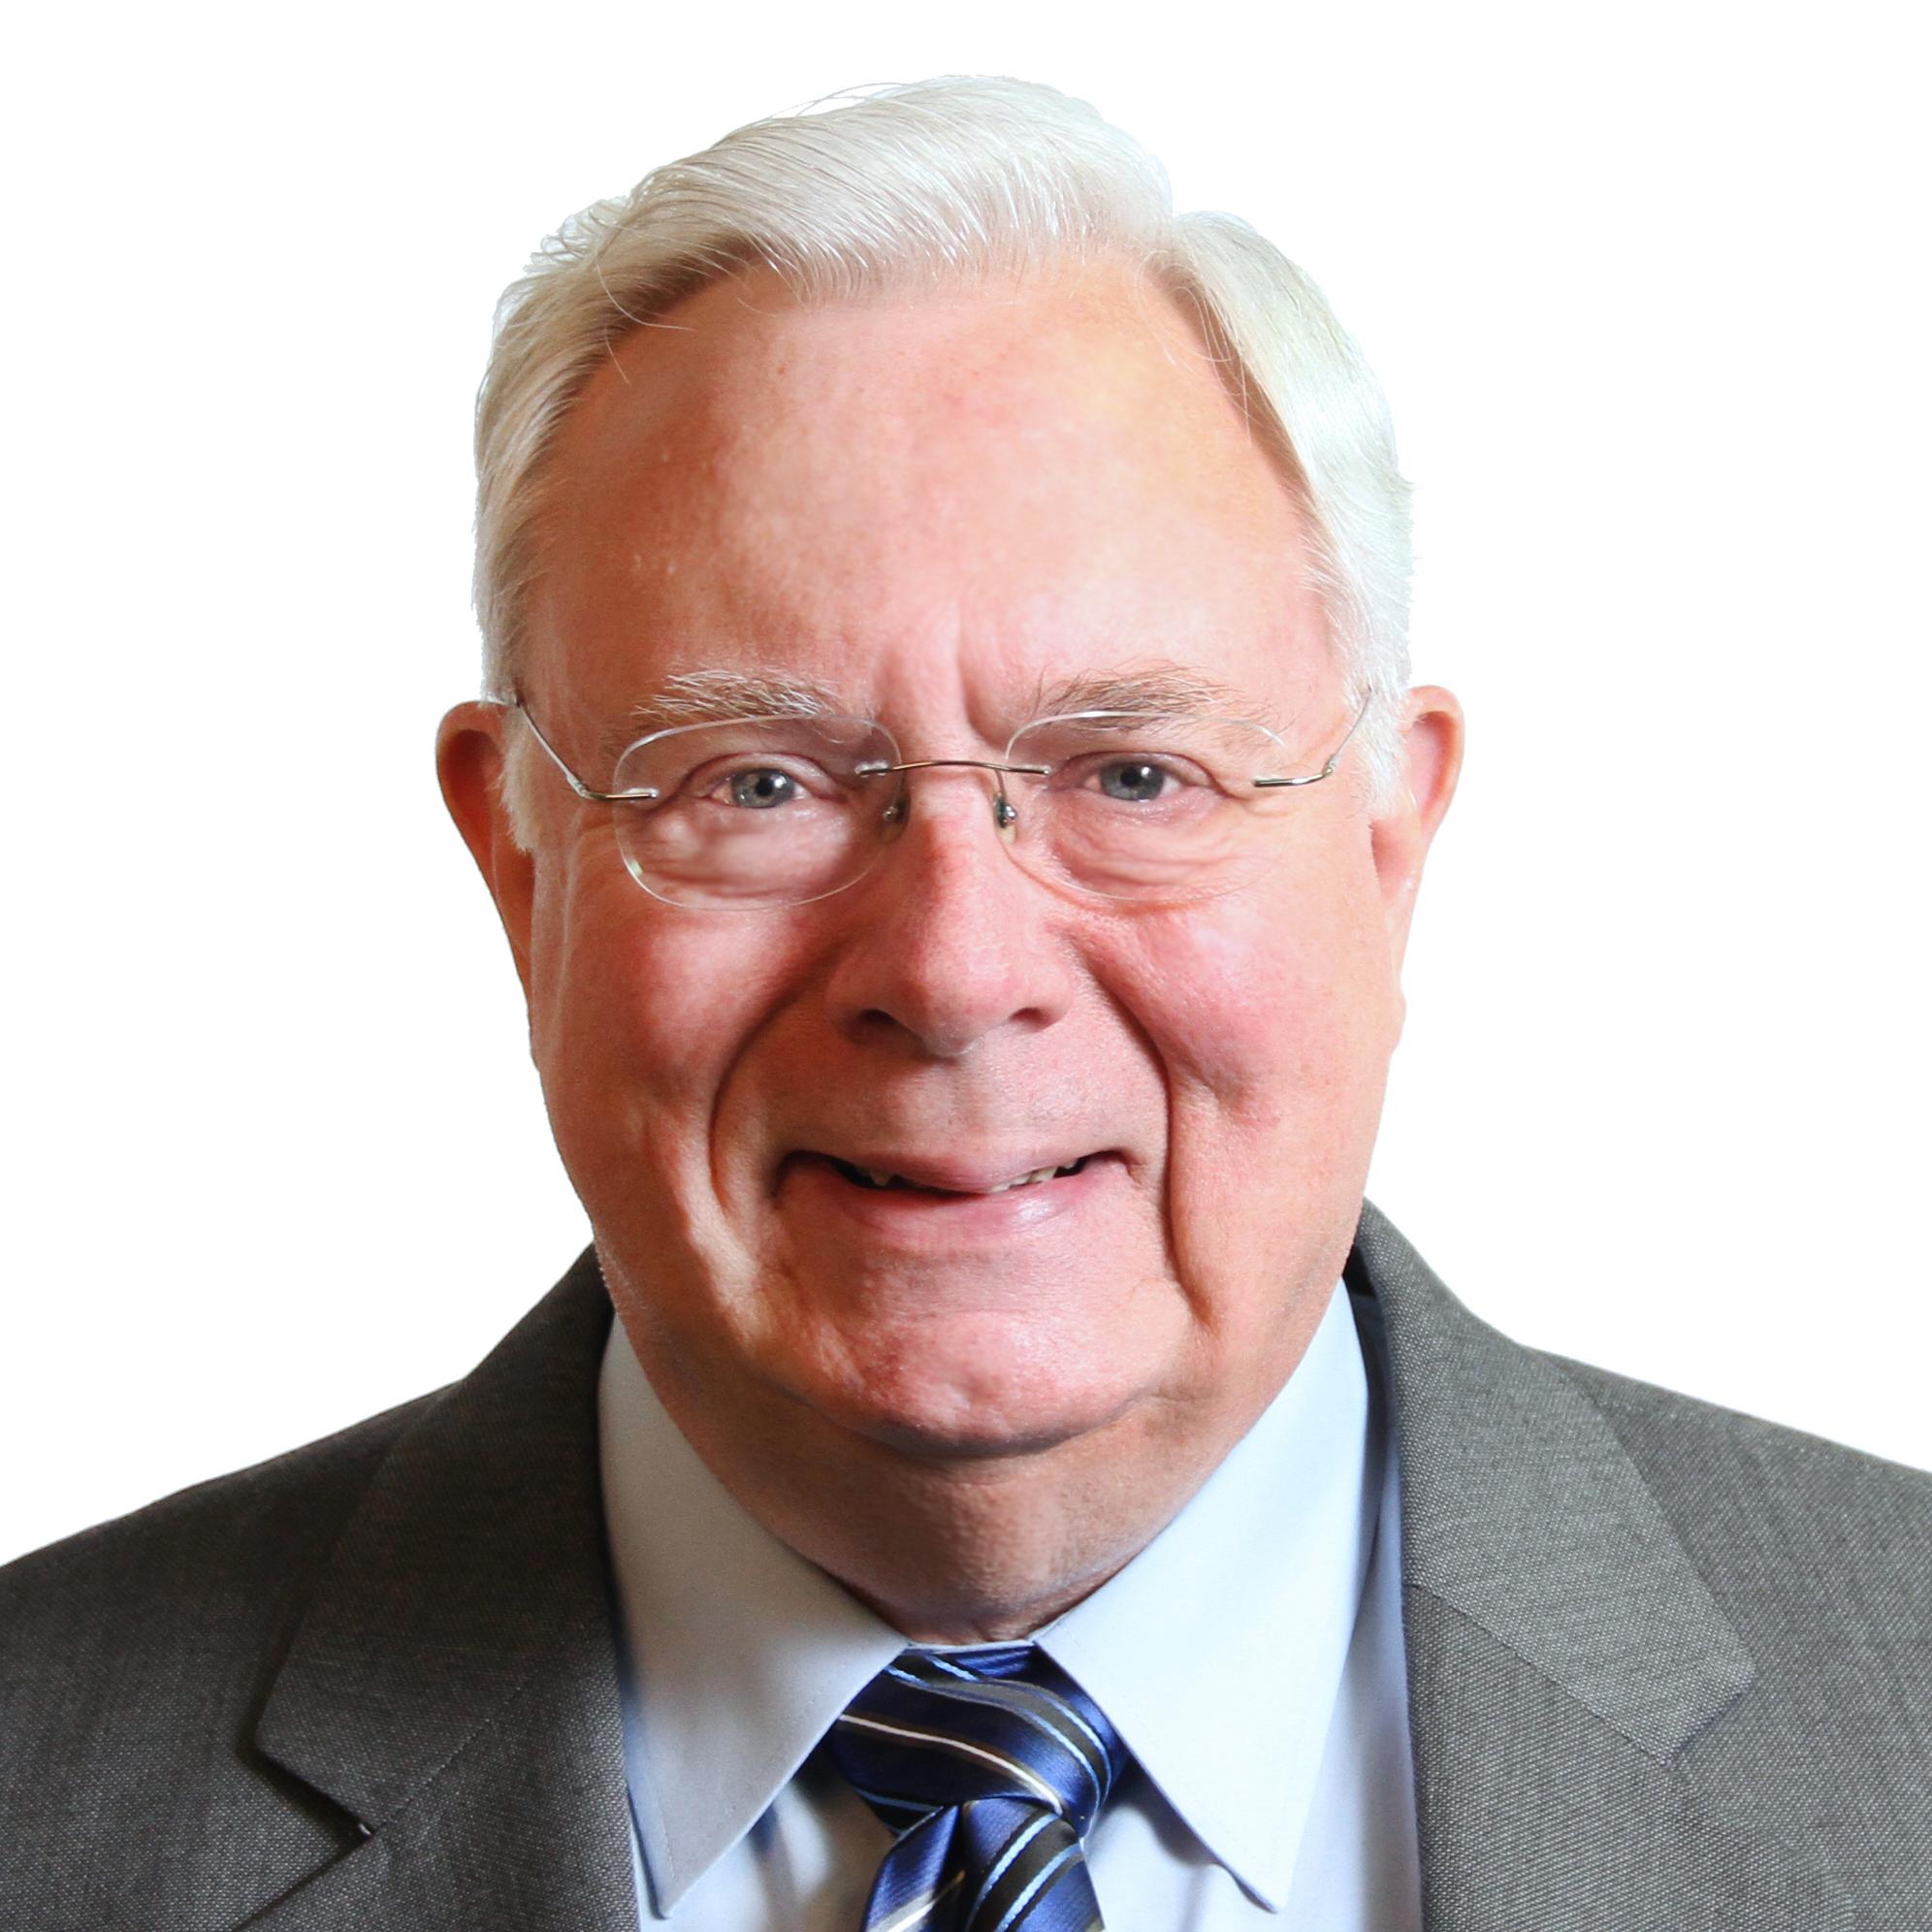 Dr. Frank Evans